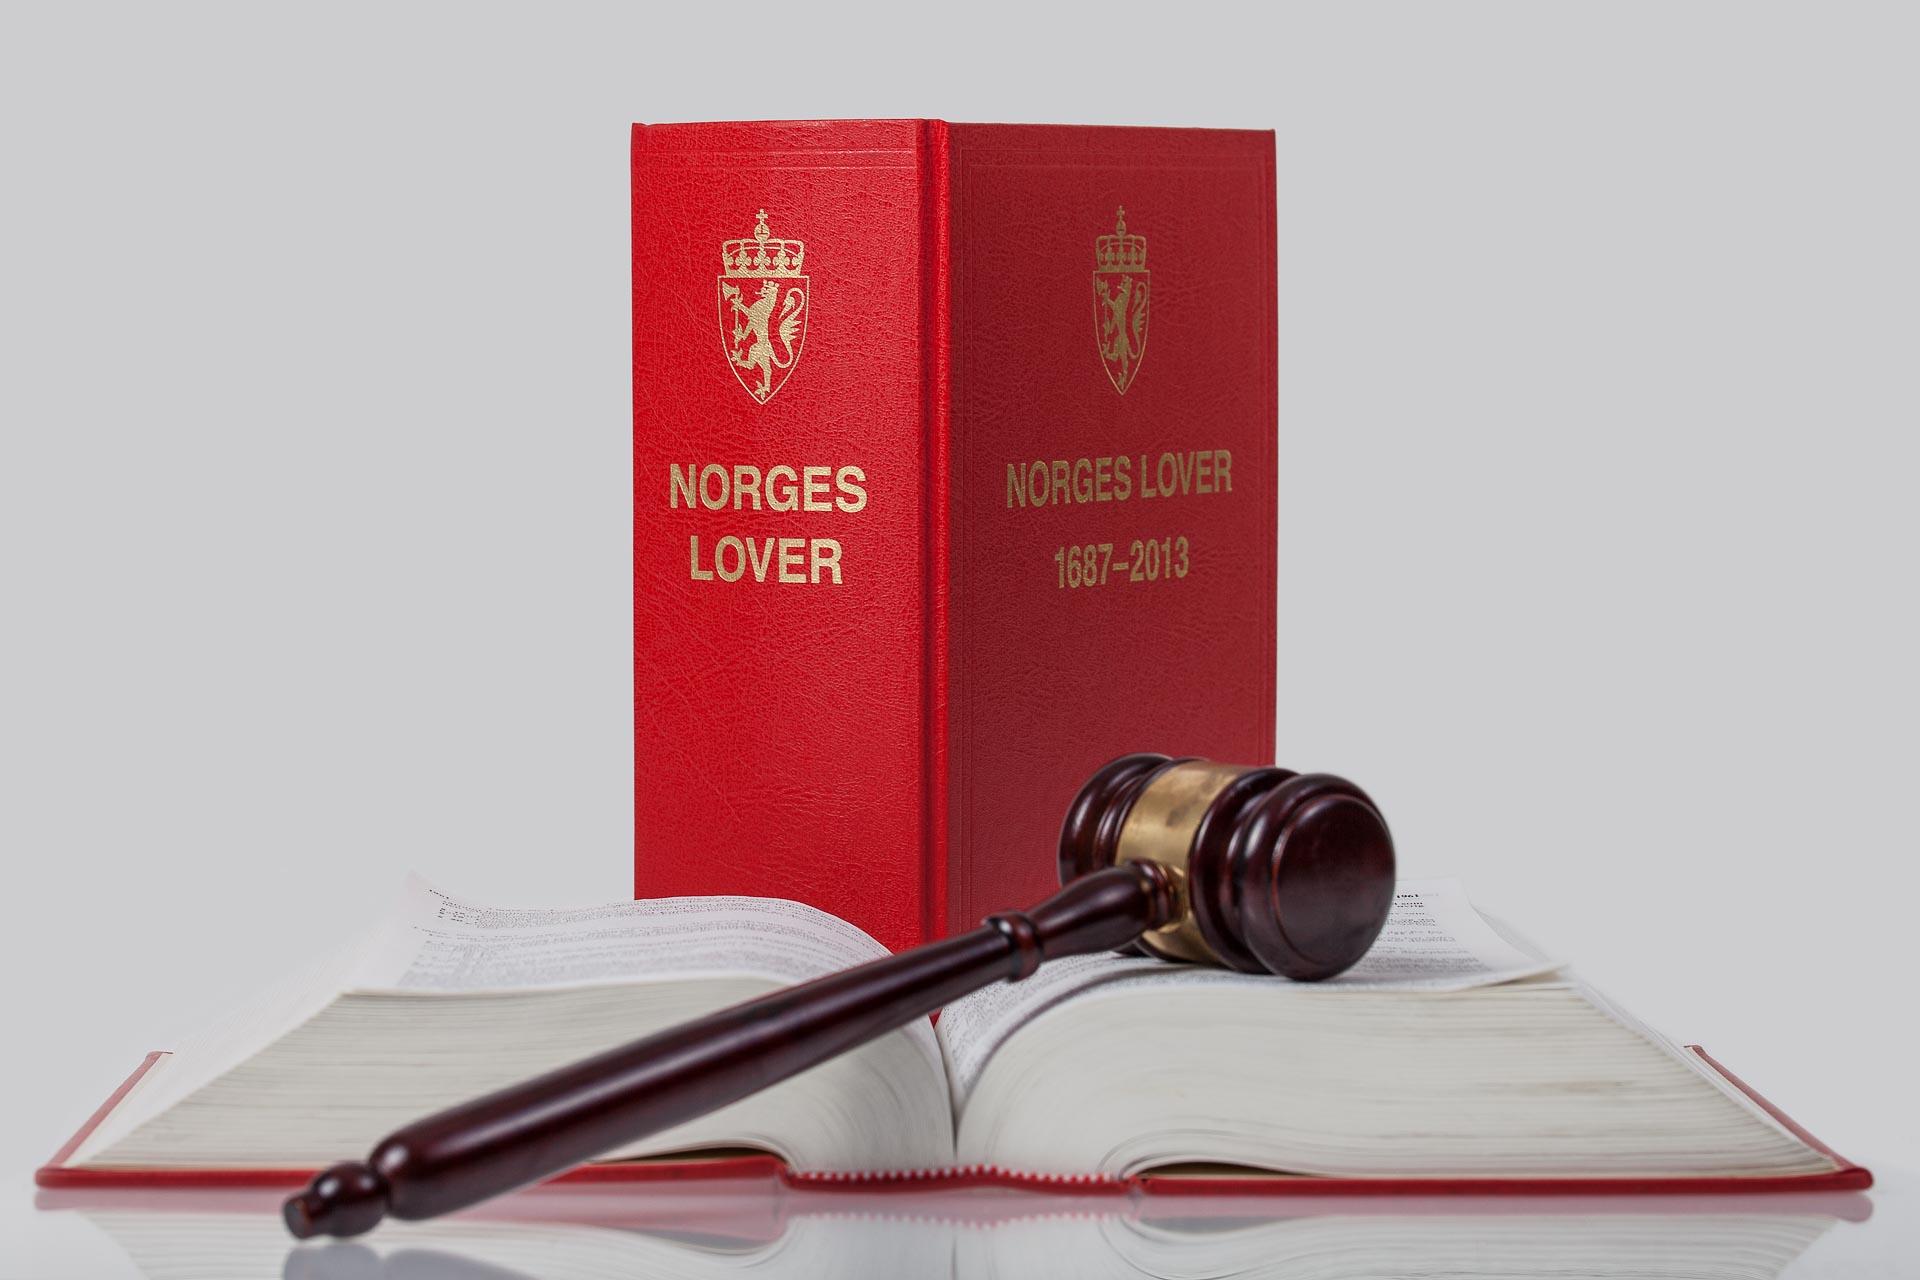 autleie.no (Norges lover og dommerhammer)